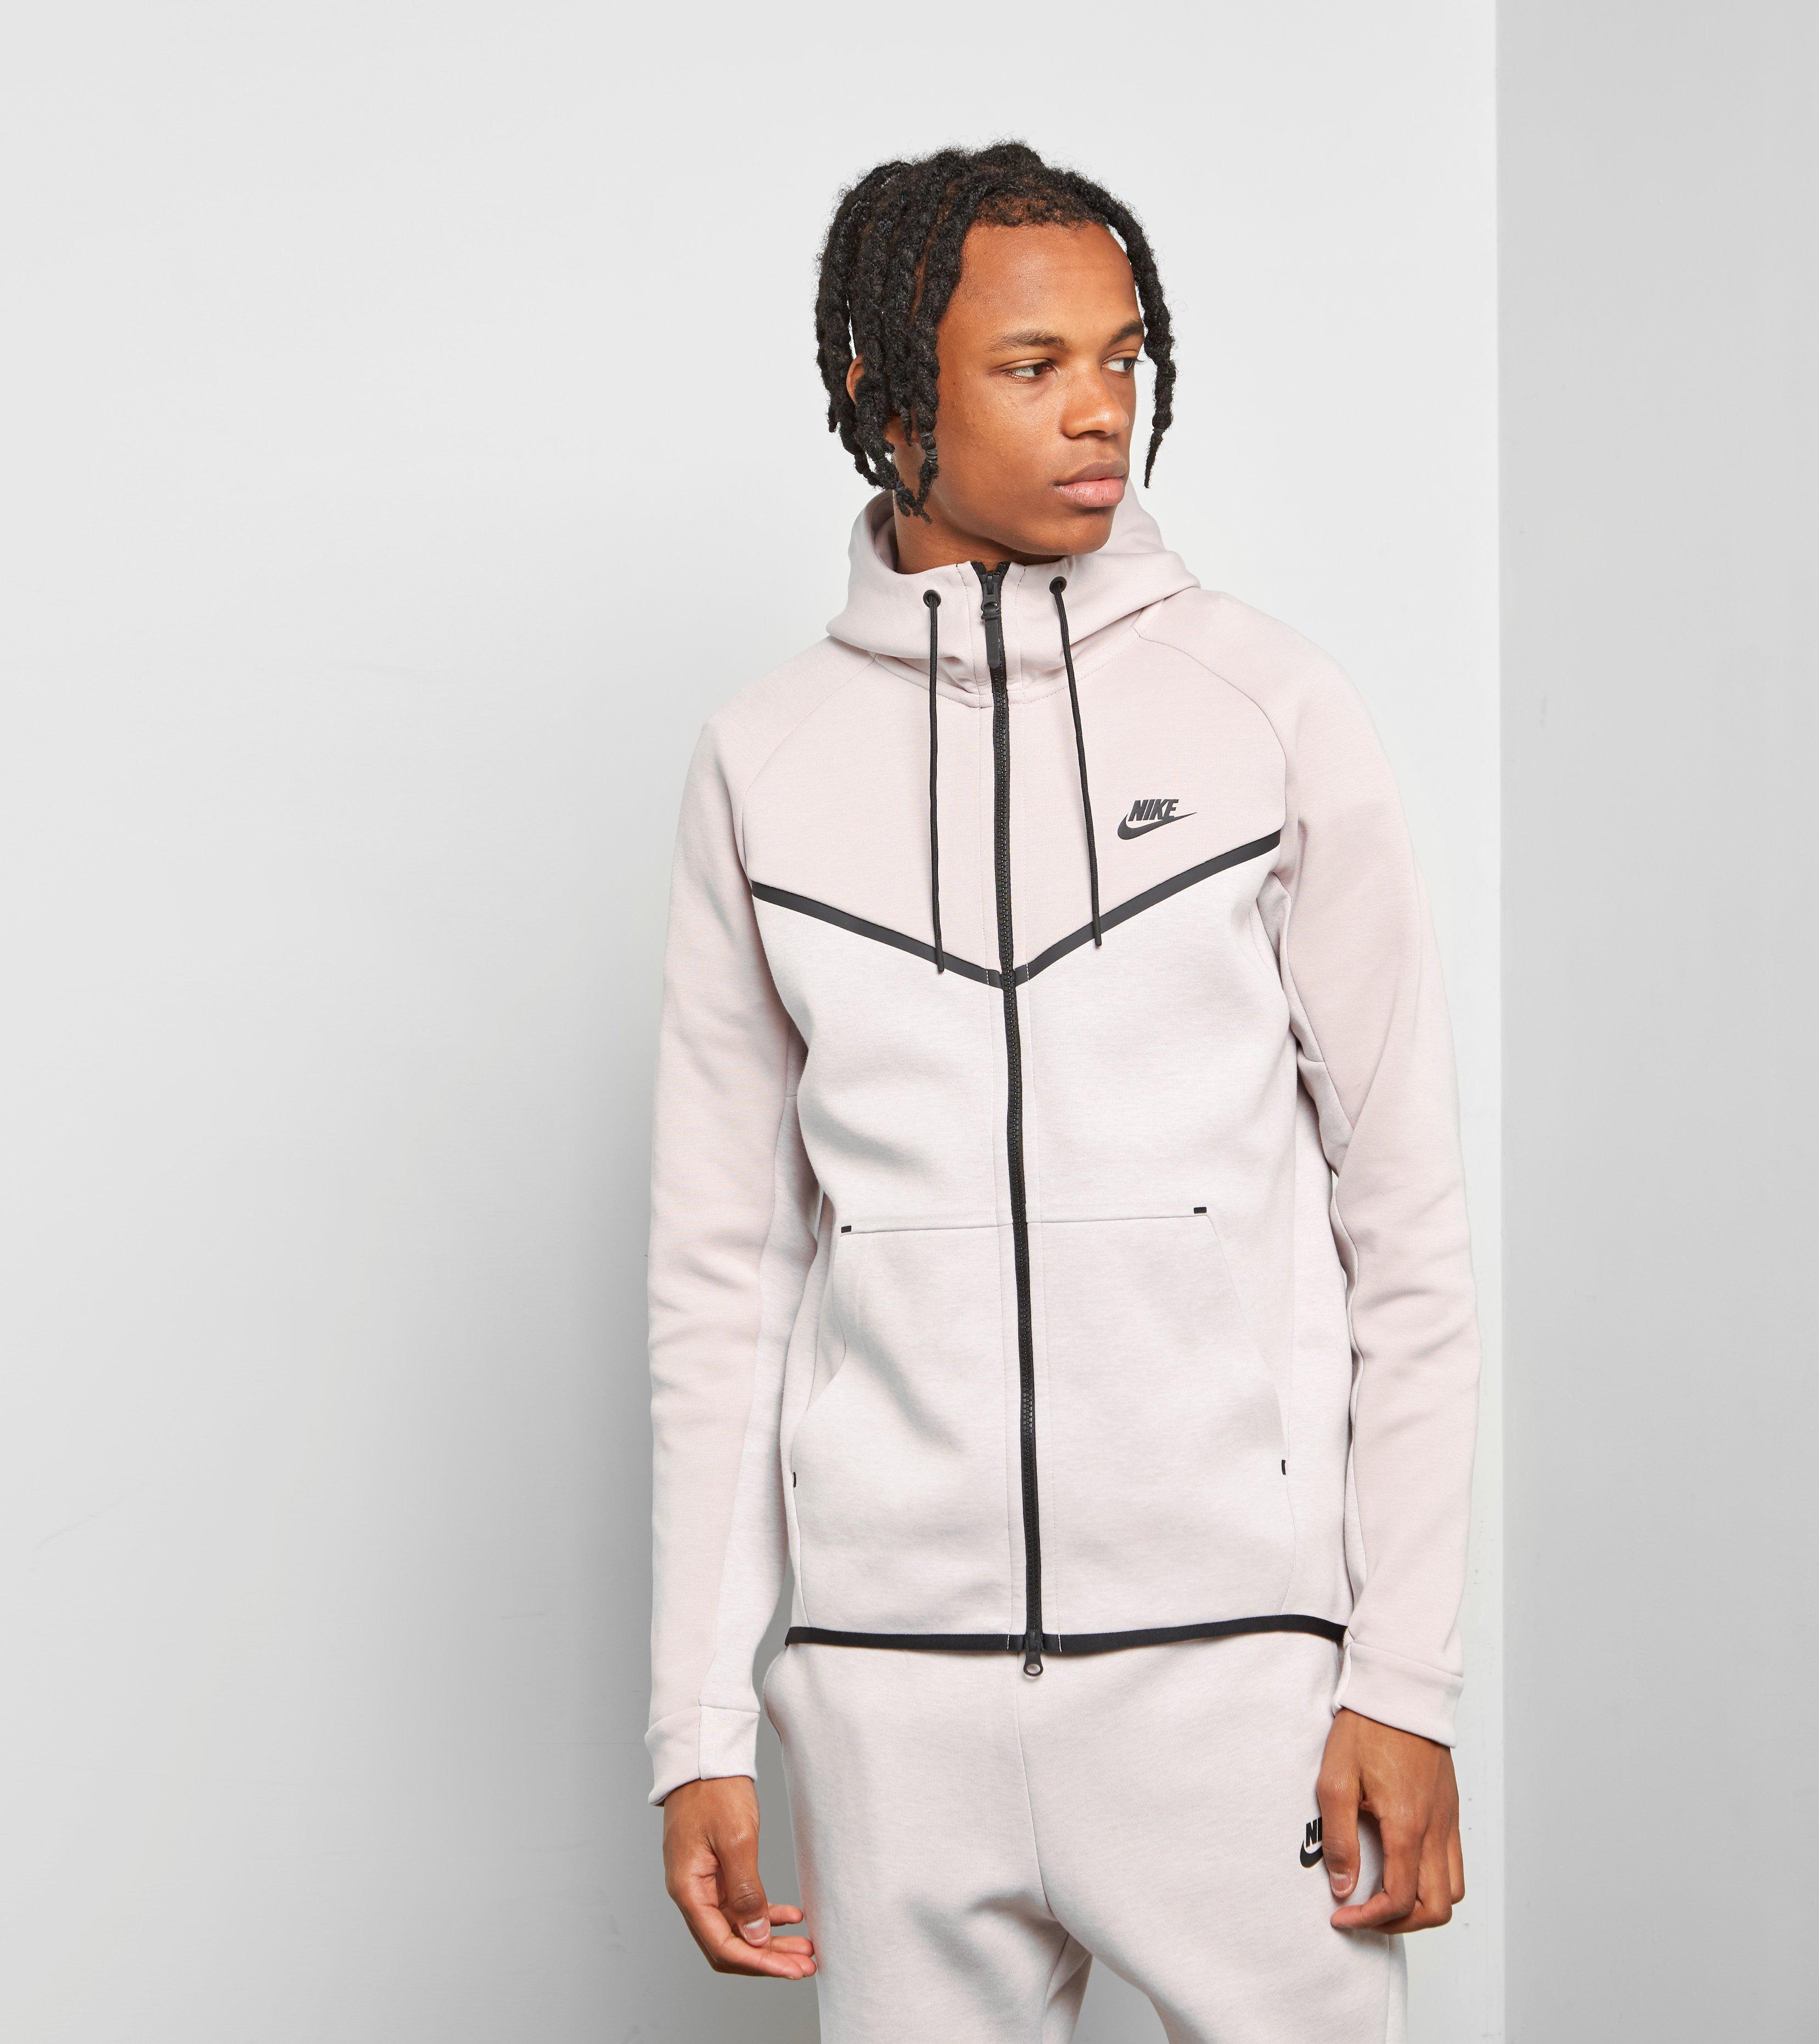 bf2b55e257072 Nike Tech Fleece Windrunner Hoody in Pink for Men - Lyst